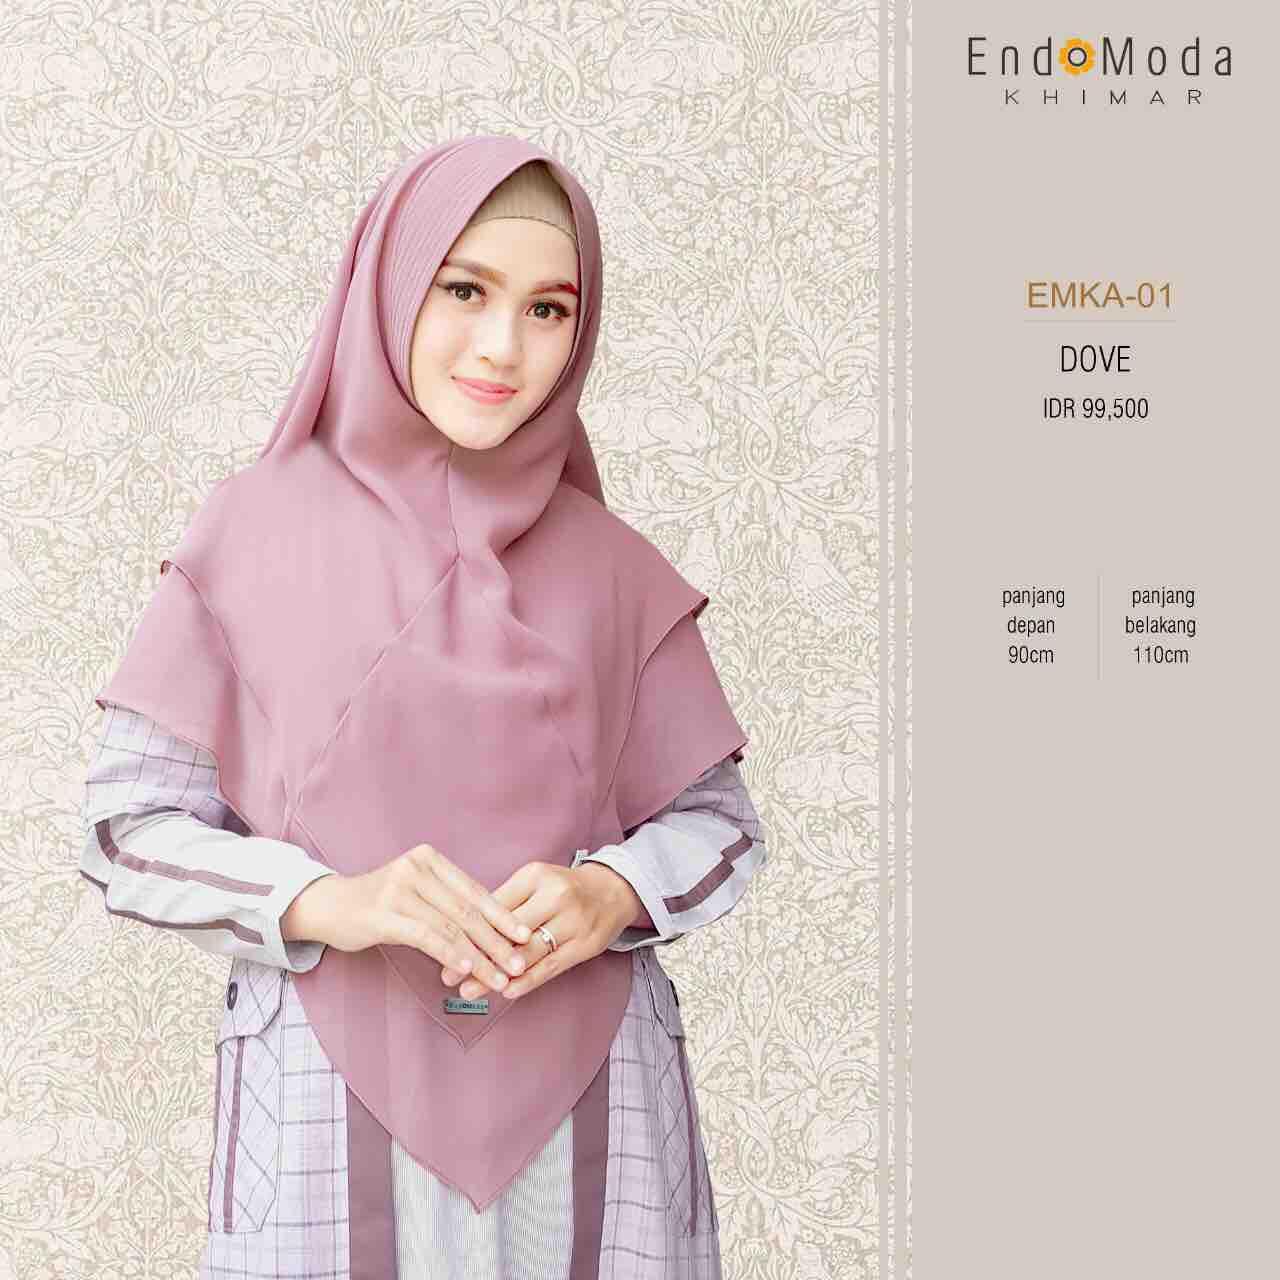 Khimar Kerudung Endomoda All Color Terbaru Dan Cantik Lazada Indonesia